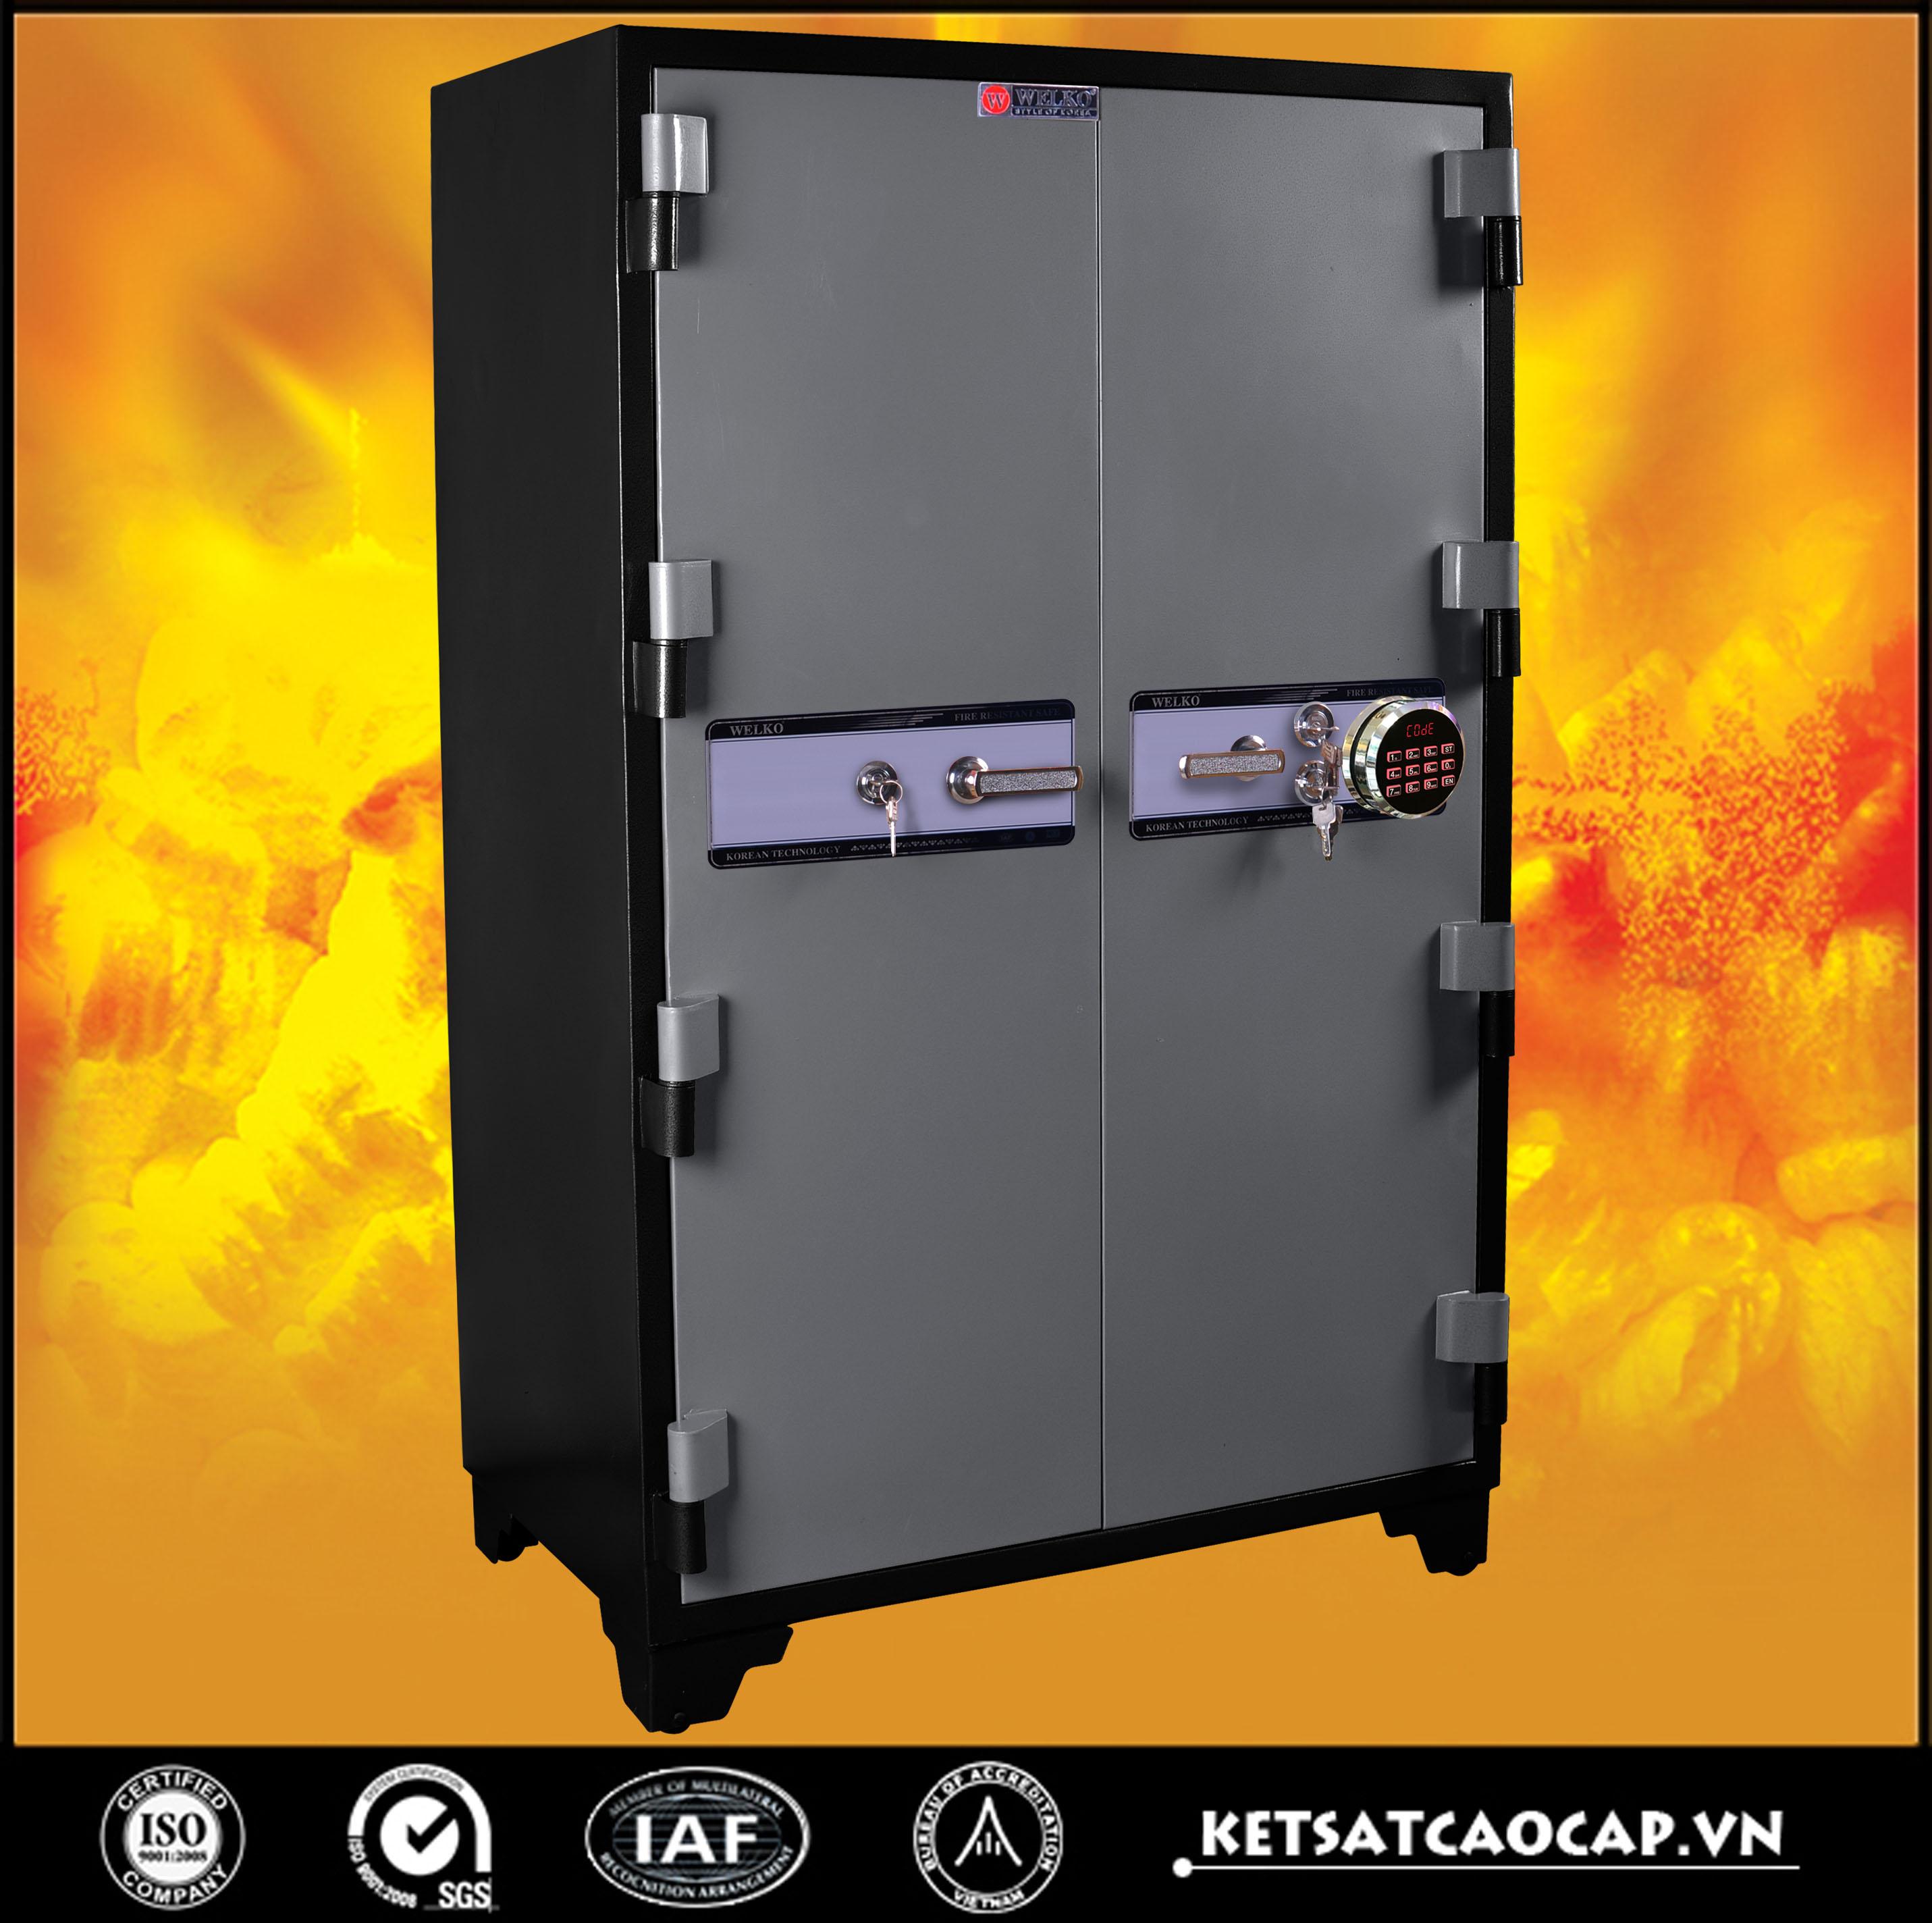 đặc điểm sản phẩm Két Bạc chống cháy BM1650 điện tử